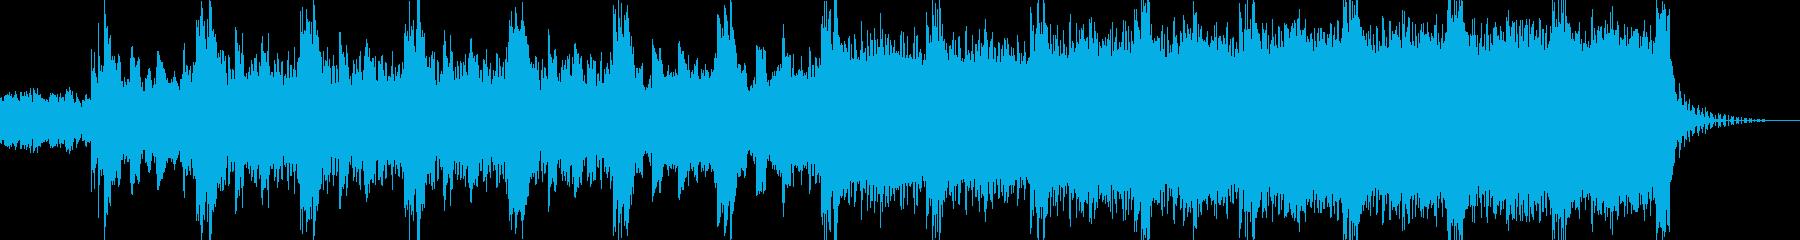 ピアノメインの疾走感溢れるドラムンベースの再生済みの波形